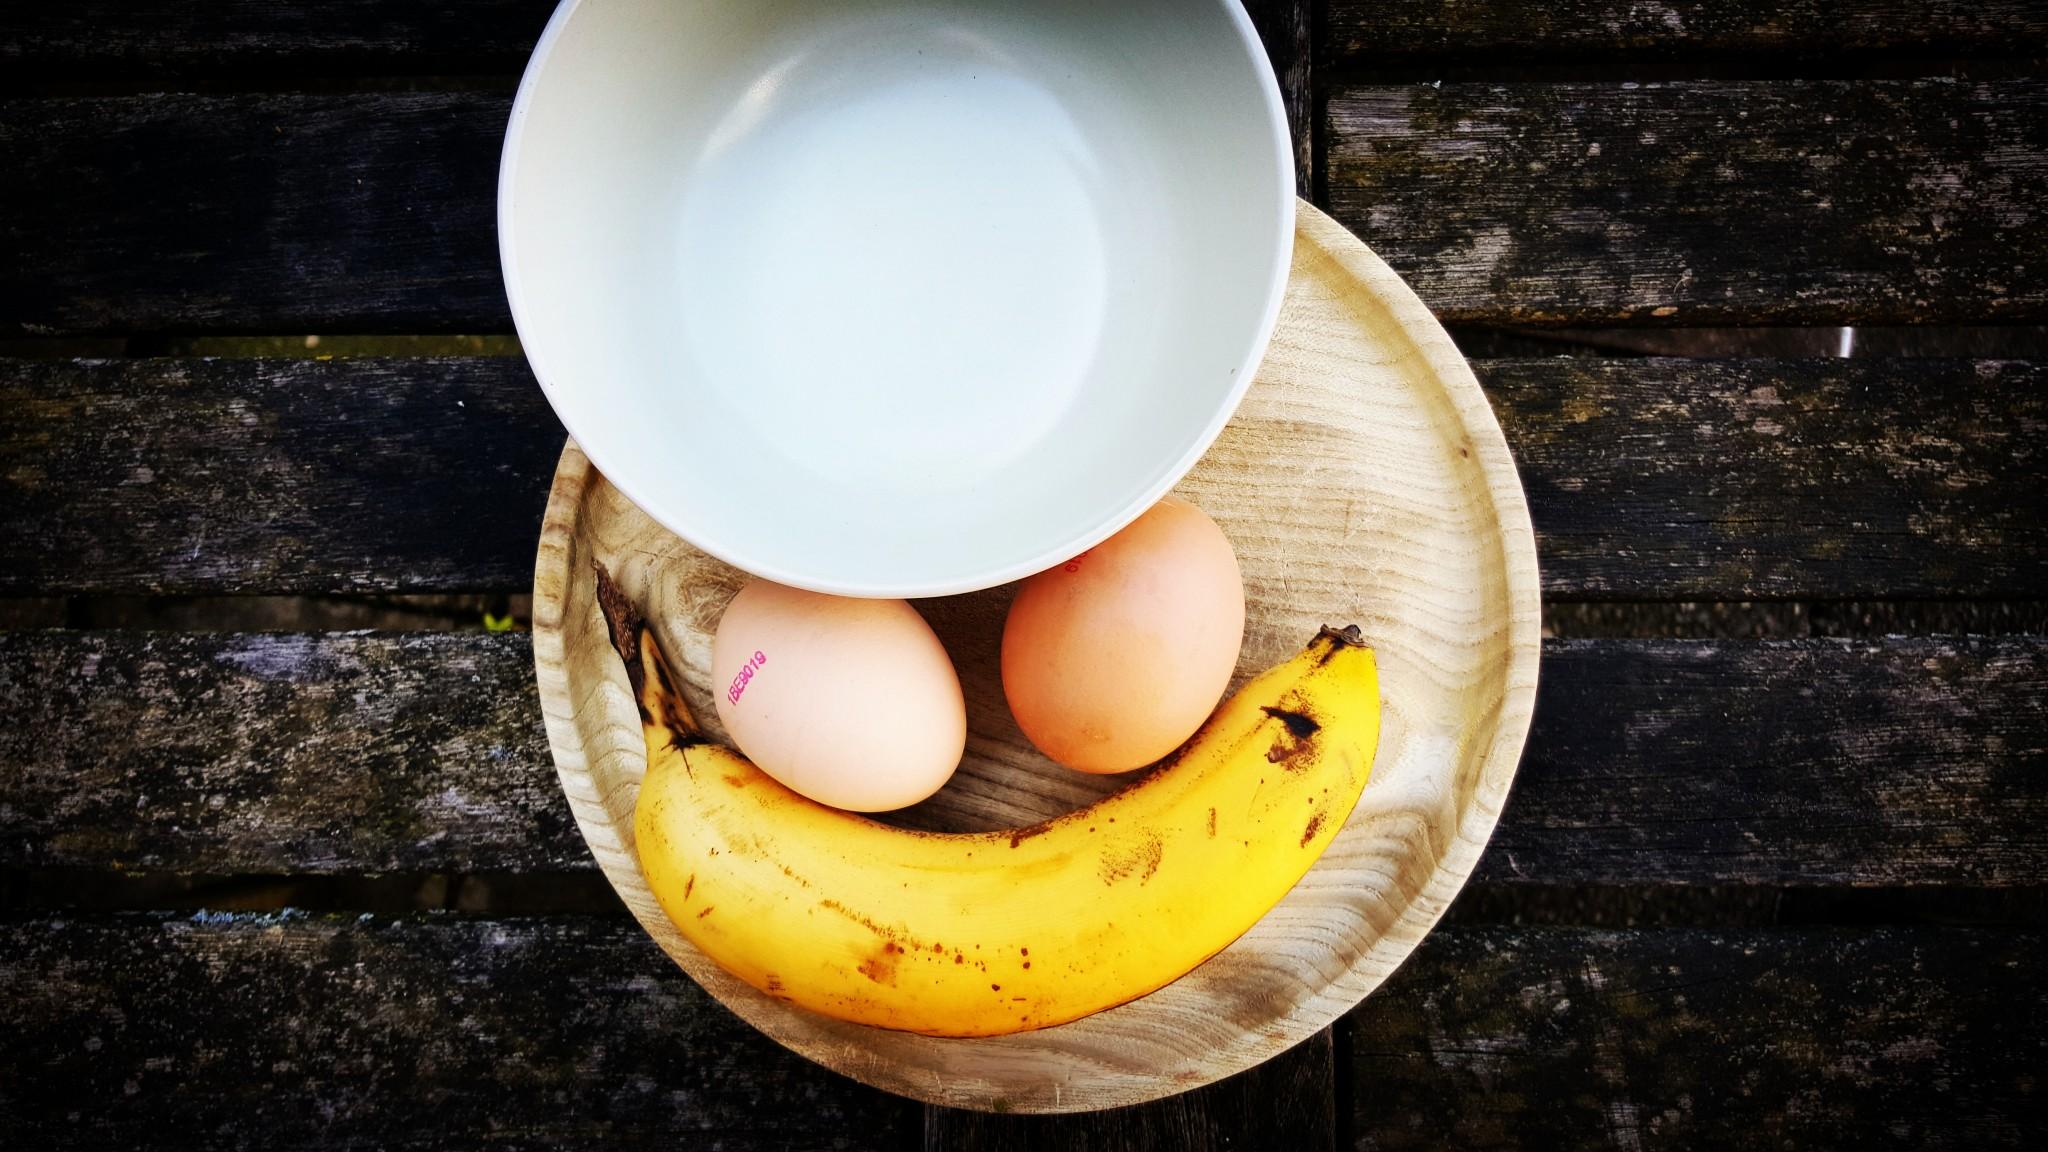 Ingrediënten en benodigdheden voor een bananenpannenkoek, twee eieren, een rijpe banaan en een kommetje.